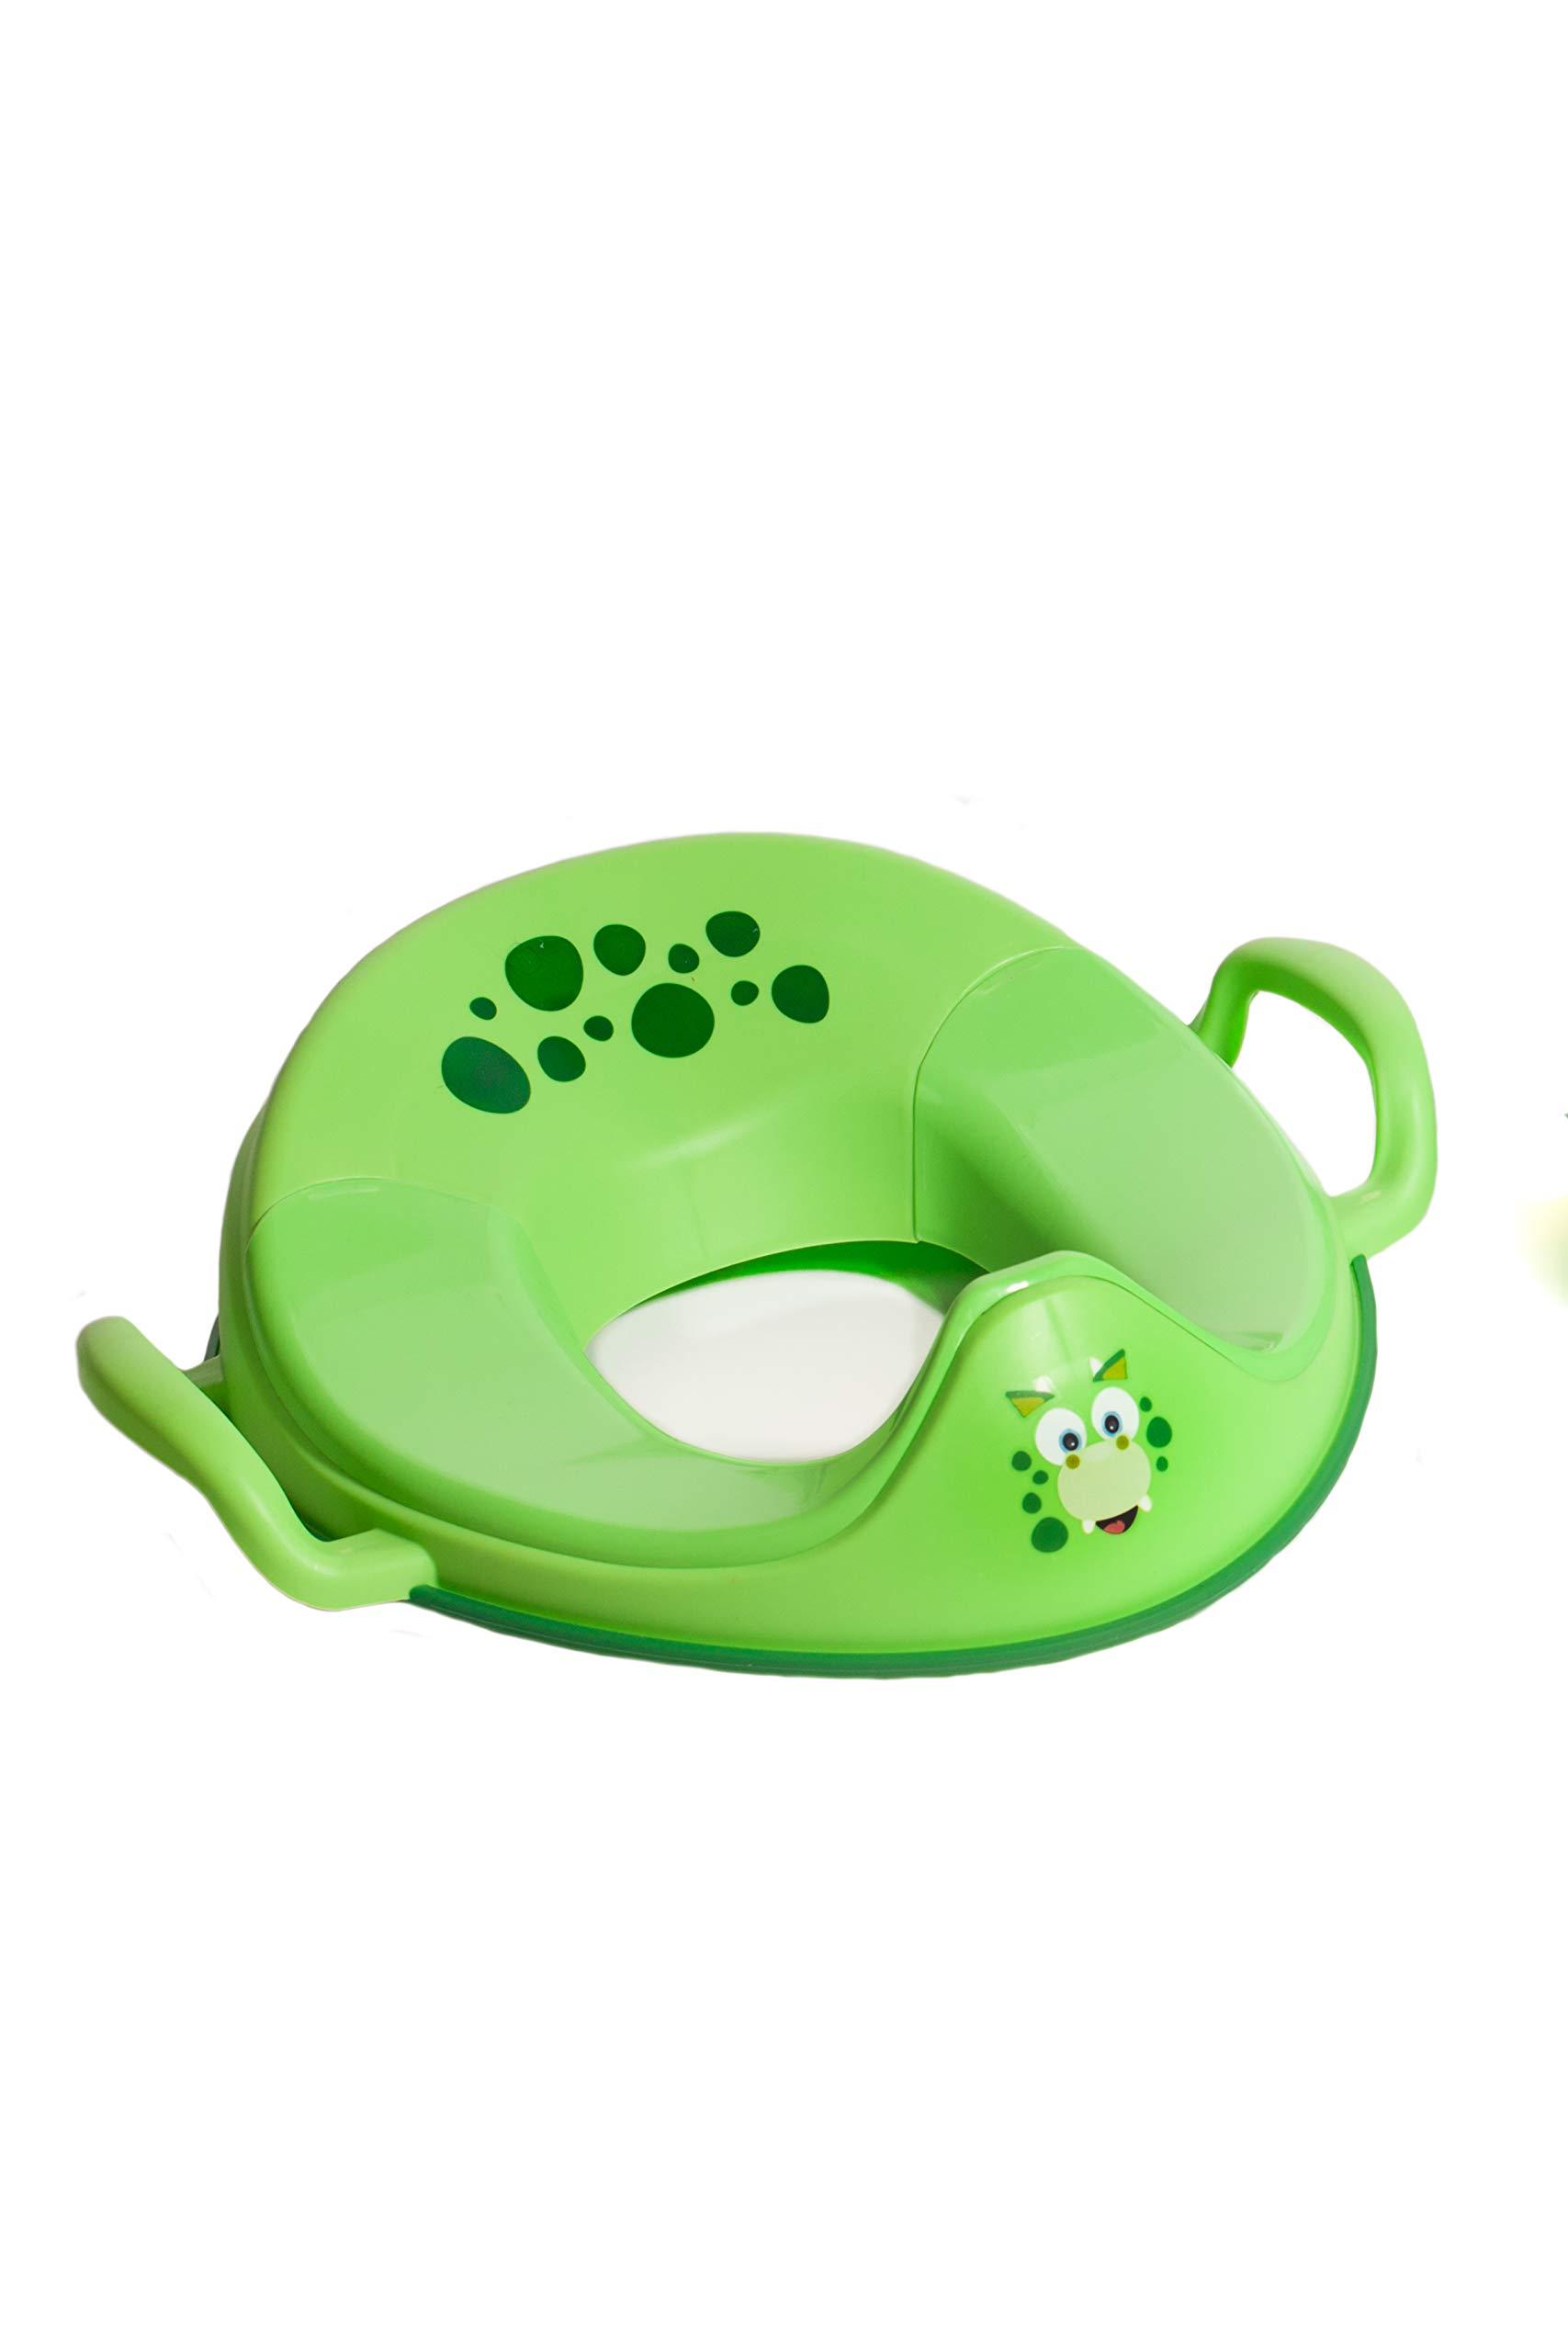 My Little Trainer Seat - Dinosaur Toilet Training Seat, Potty Training Toilet Seat for Toddlers